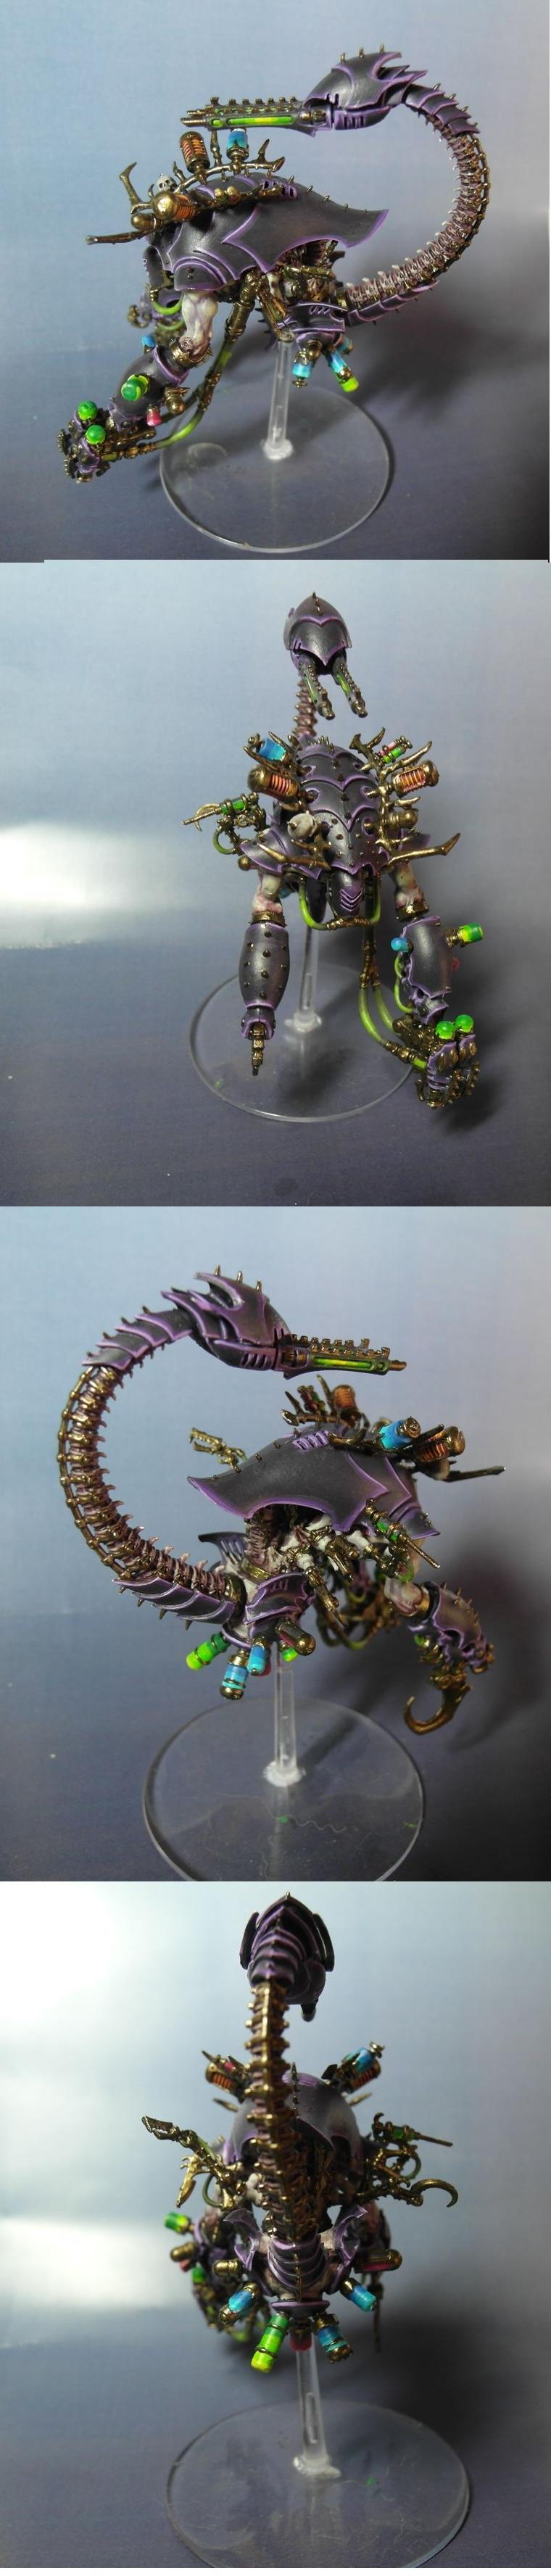 Aosol, Dark Eldar, Talos Pain Engine, Warhammer 40,000